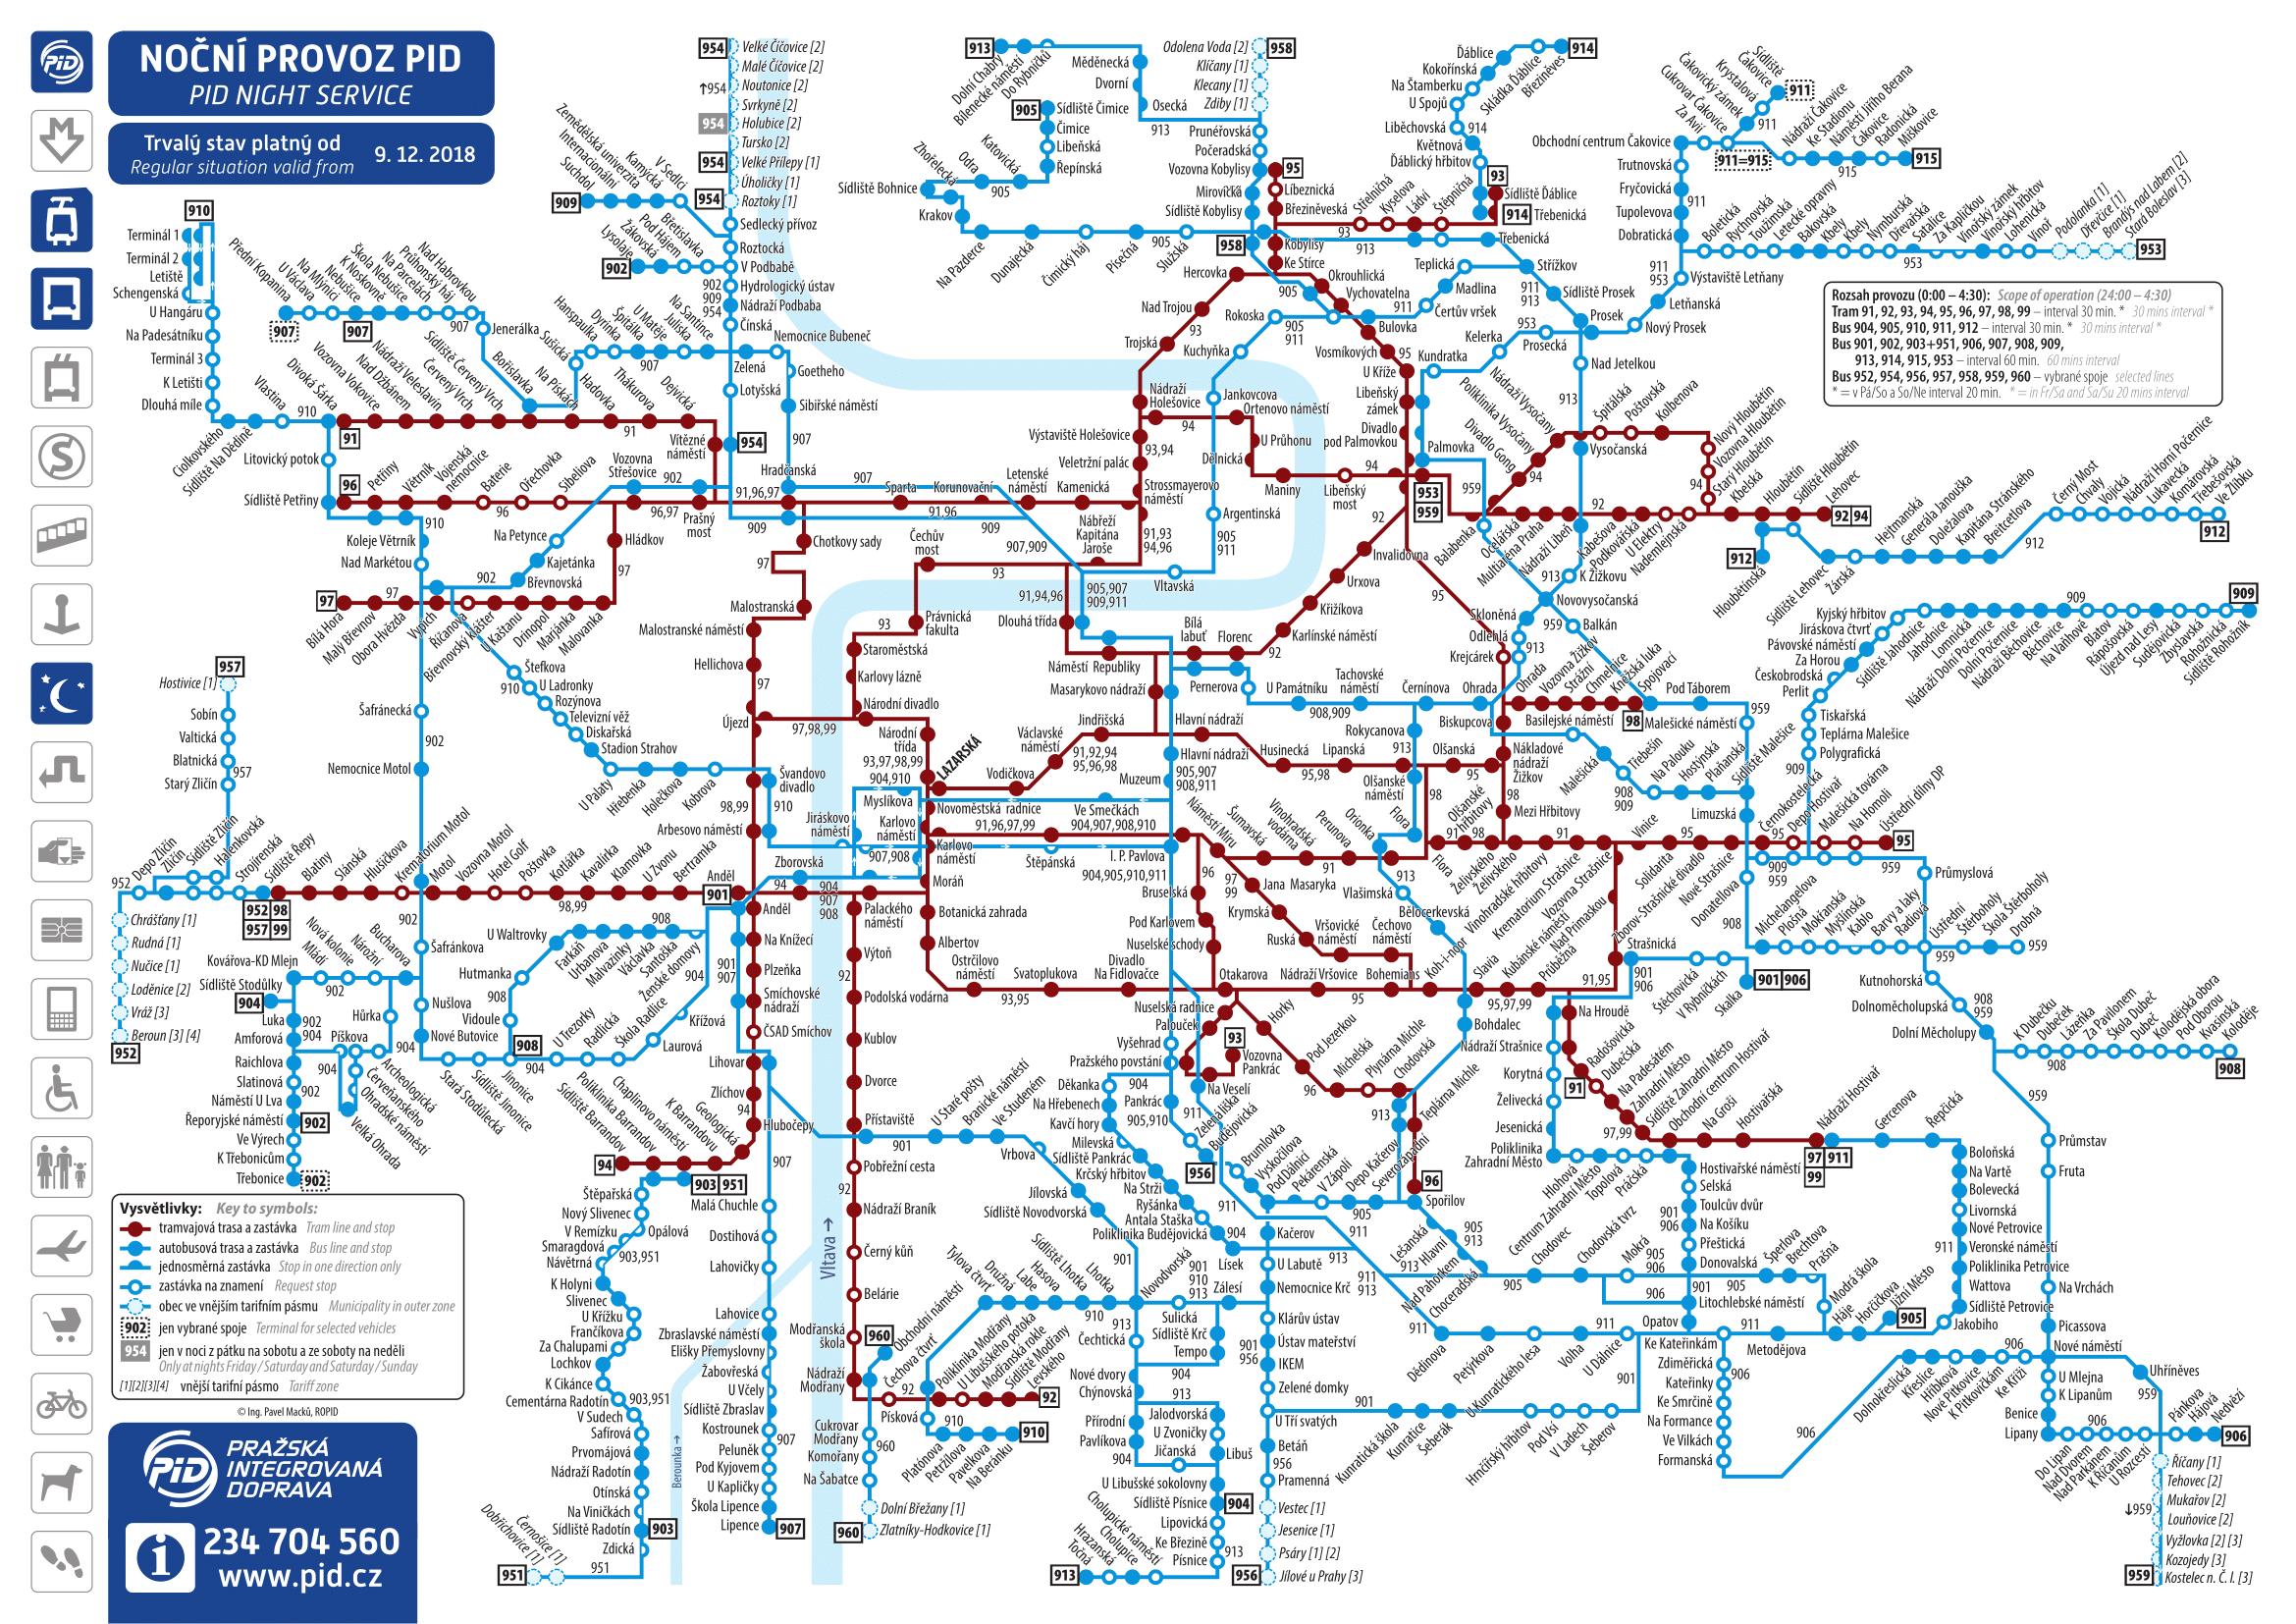 Схема ночных маршрутов